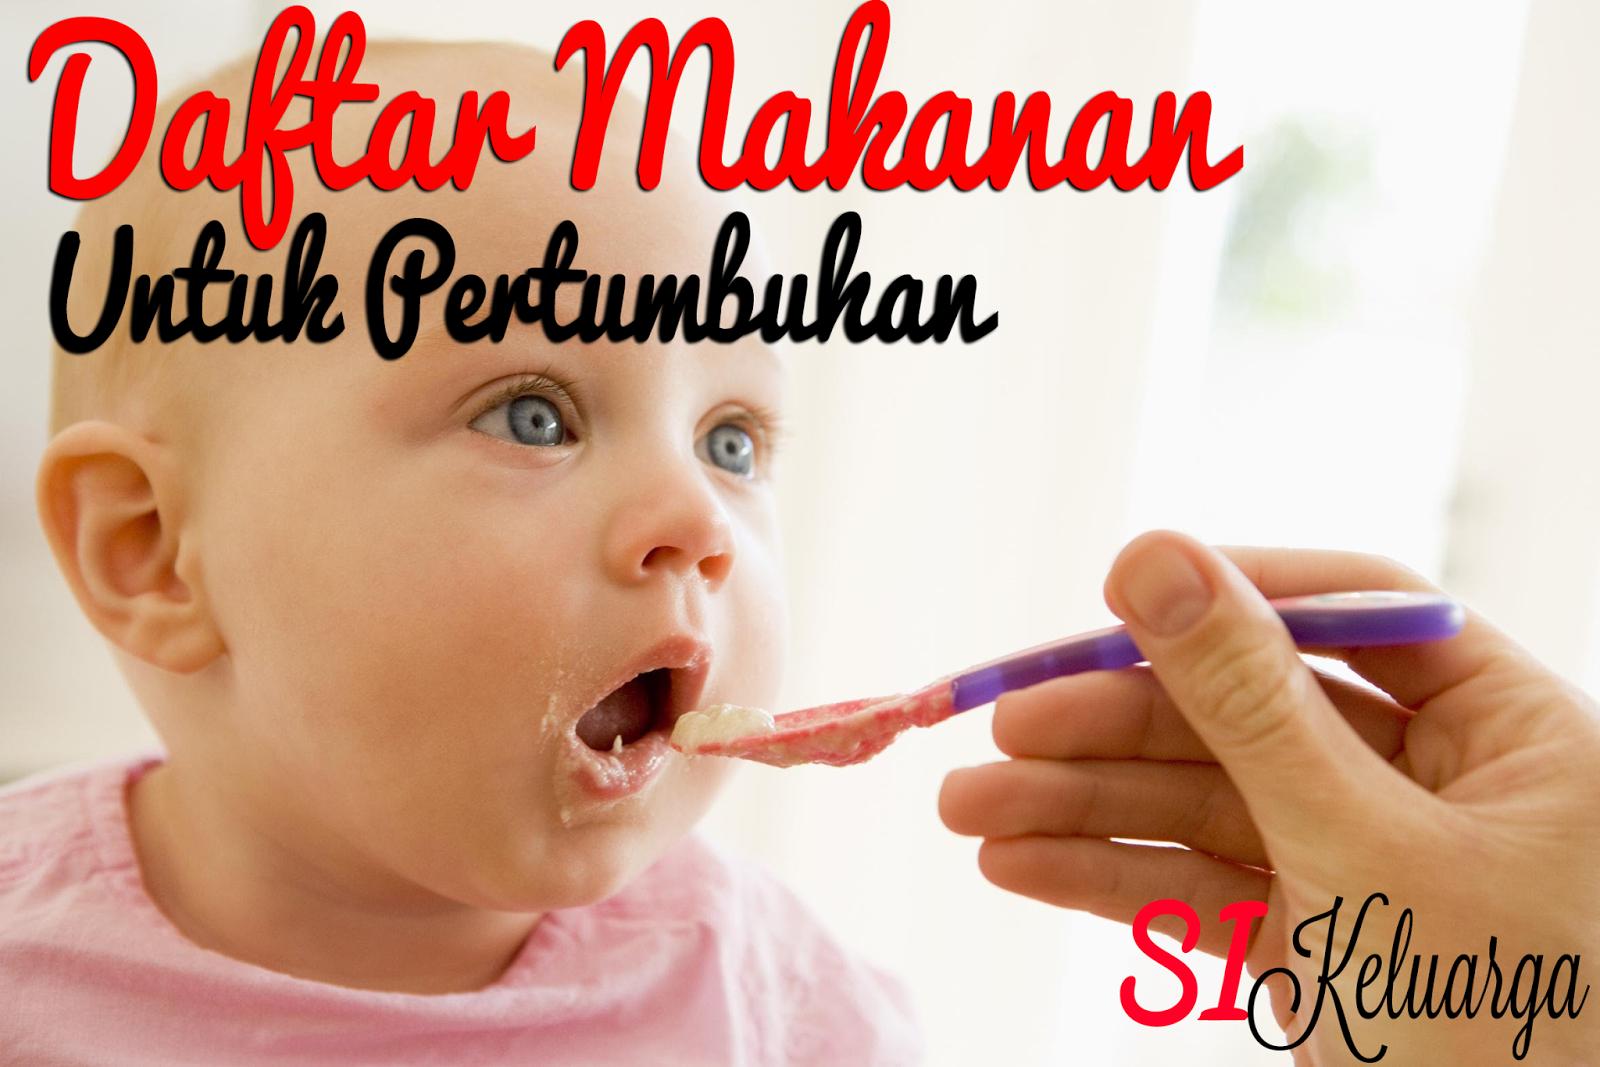 Daftar Makanan Yang Baik Untuk Pertumbuhan Anak